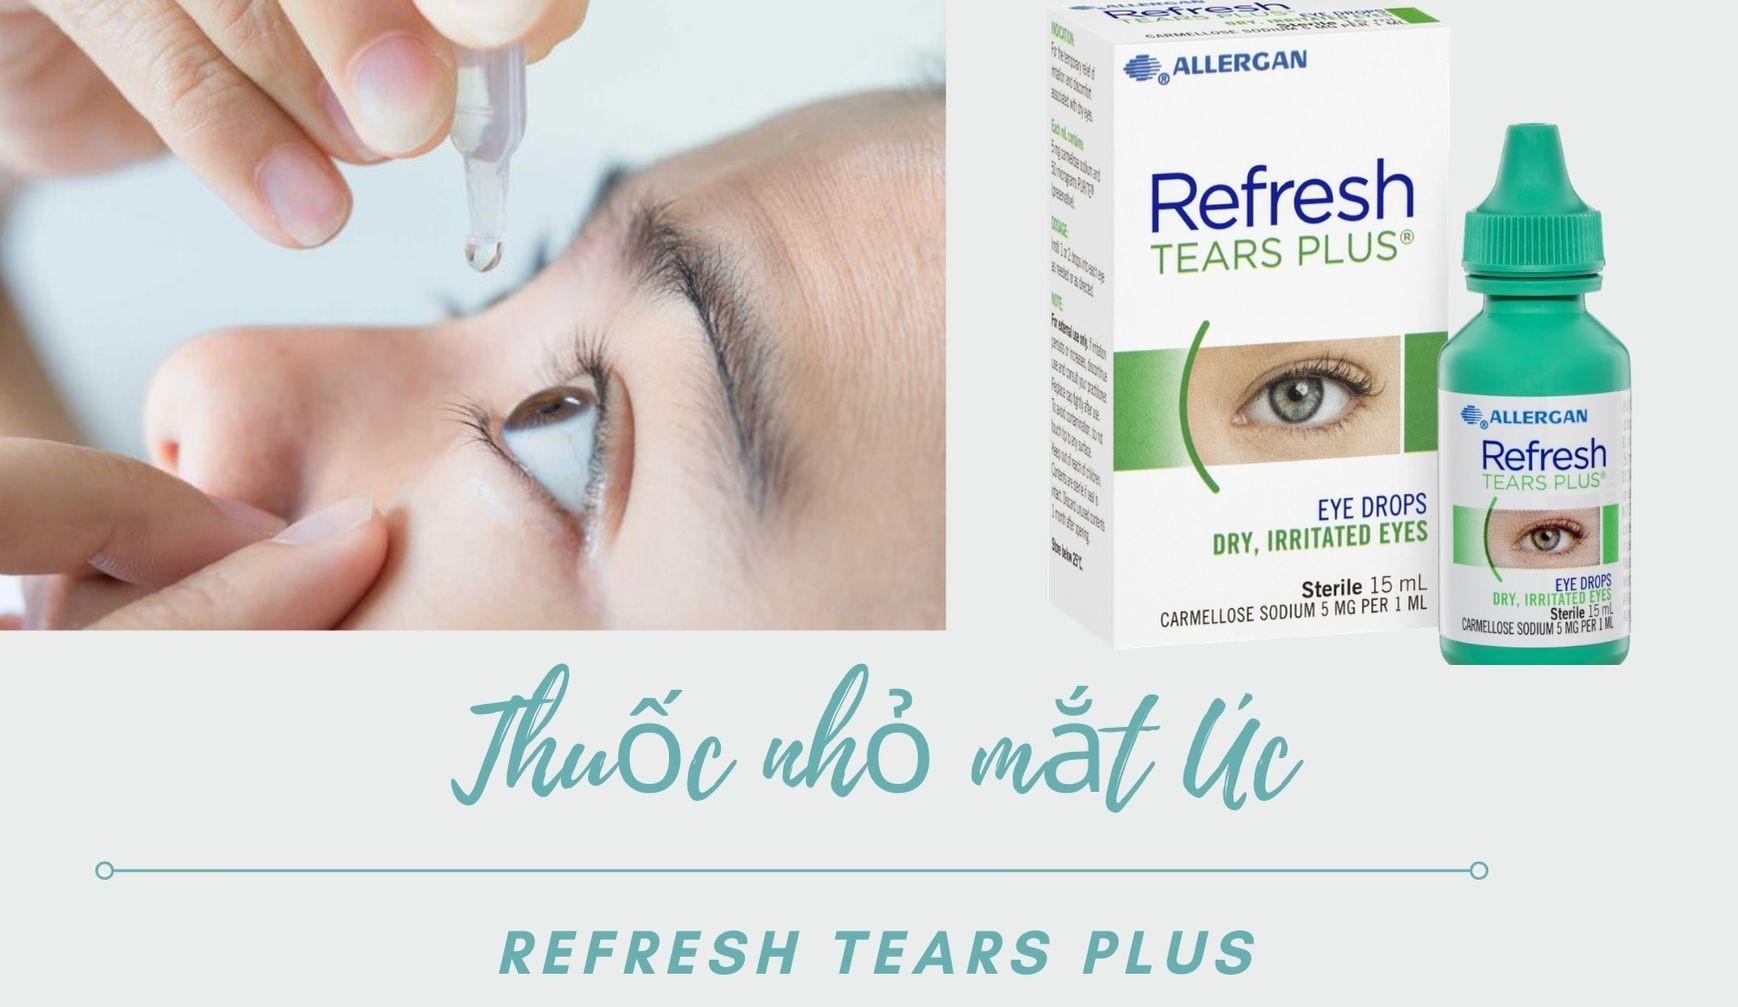 refresh tears plus